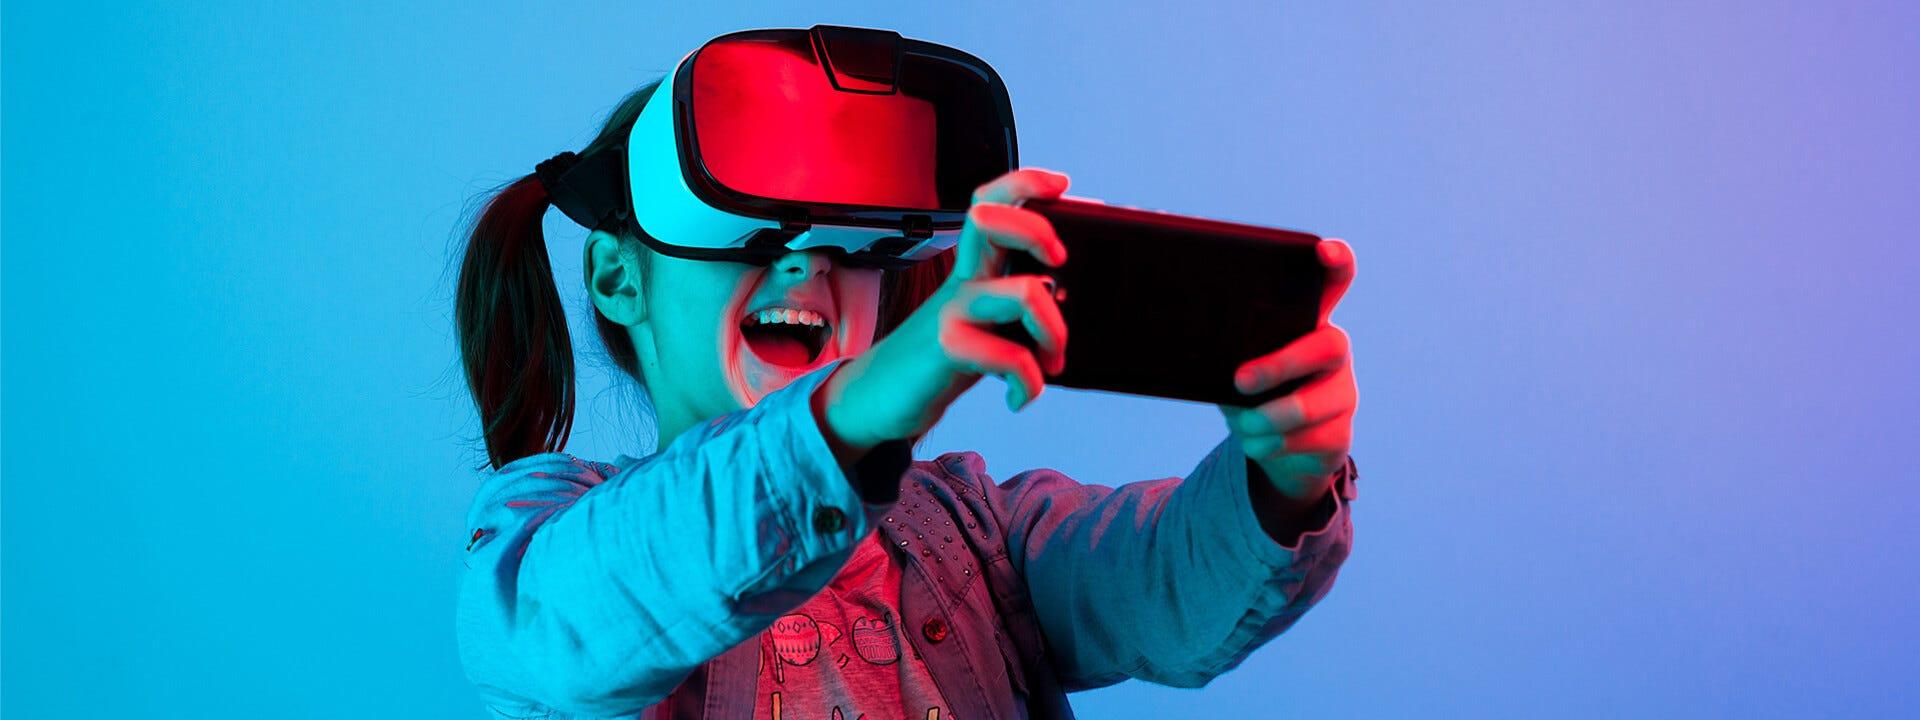 Barn af den digitale generation